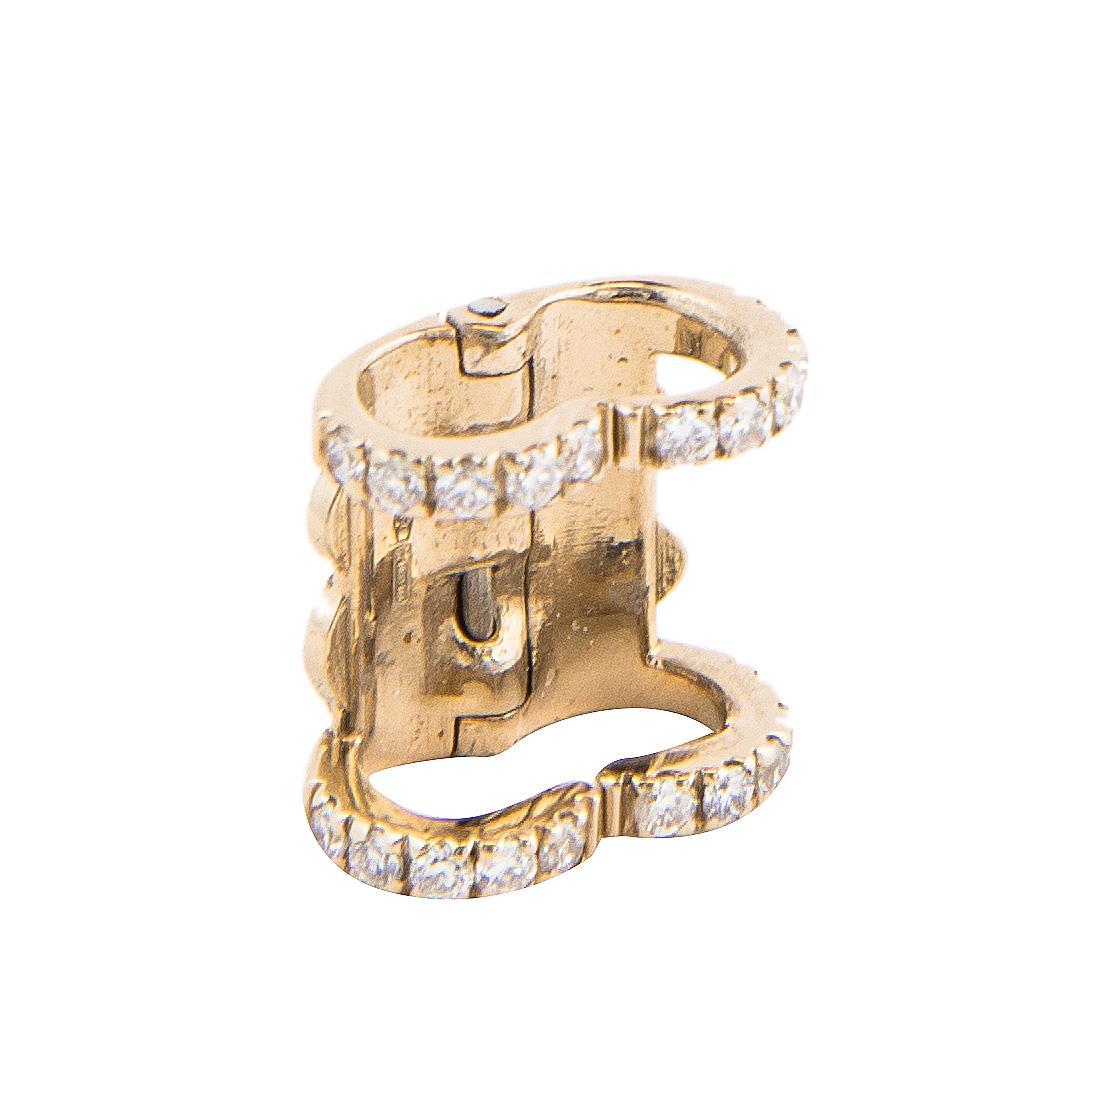 Ferma collana Chantecler Cherie in oro giallo con diamanti ct 0,19 - CHANTECLER